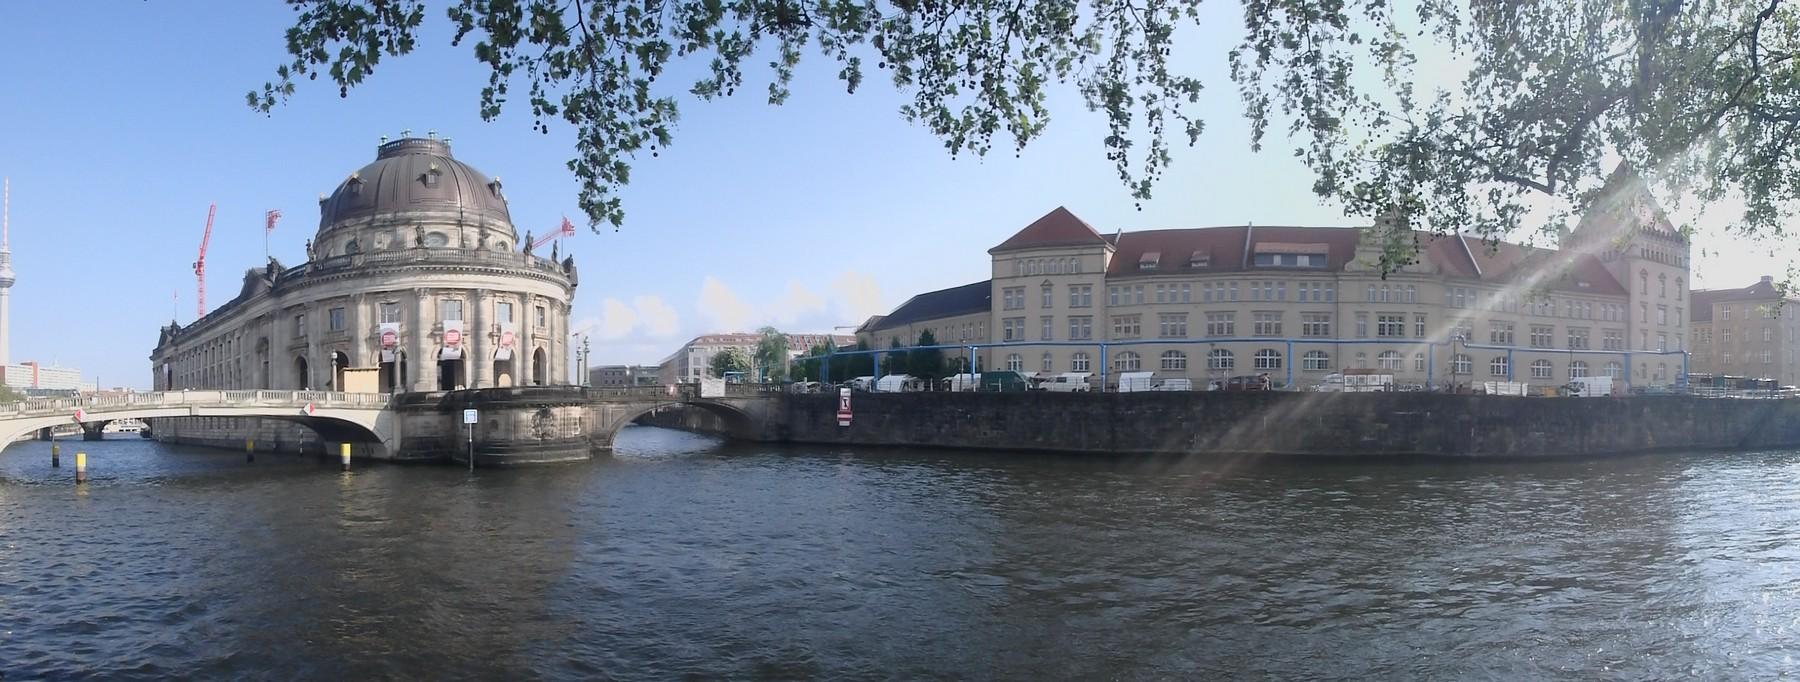 P4260161 Pano Berlin Isla de los Museos Unesco Alemania